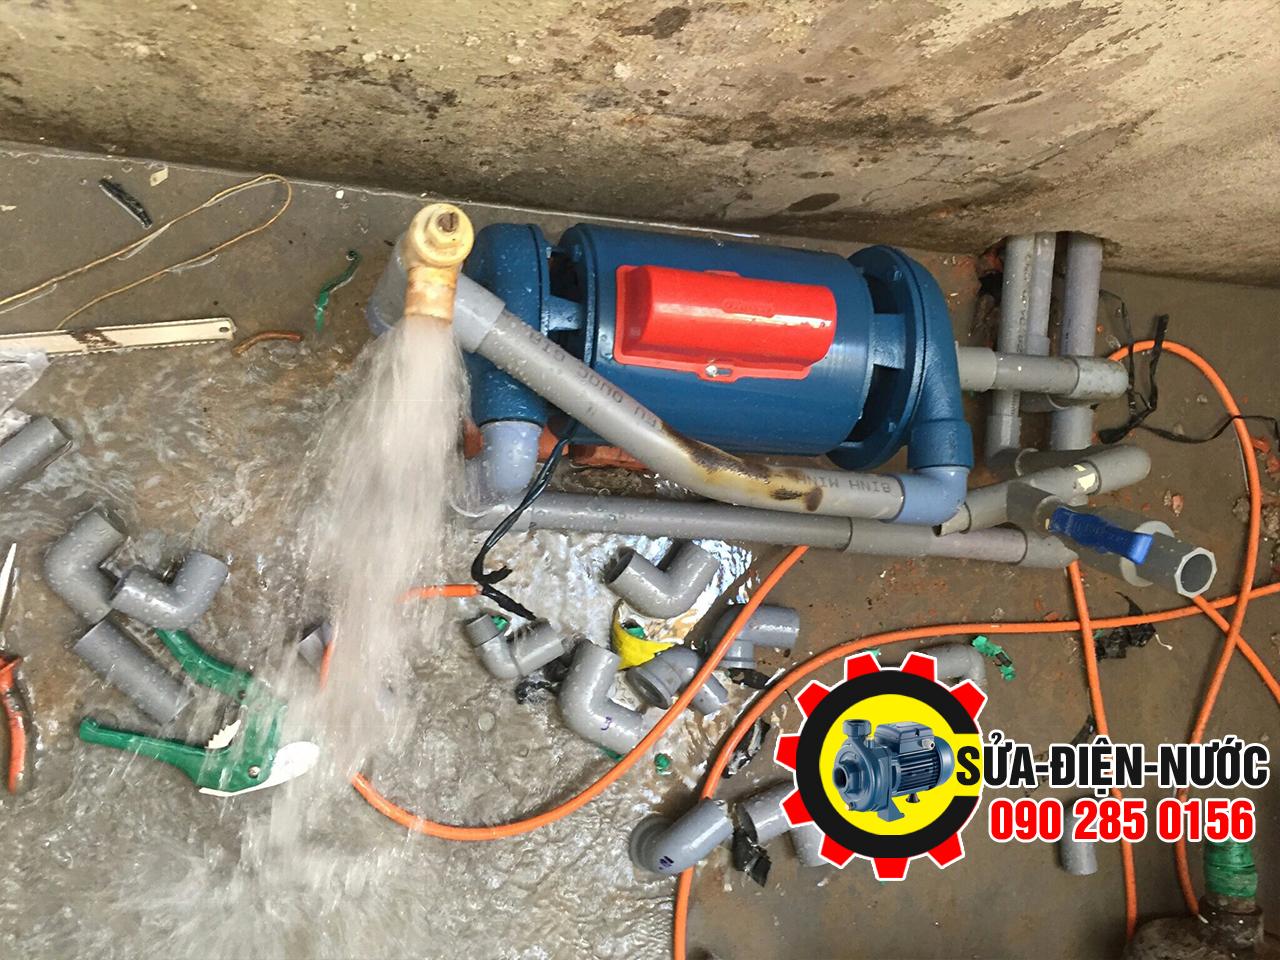 Thợ Sửa máy bơm nước tại nhà Quận Gò Vấp phục vụ 24/7